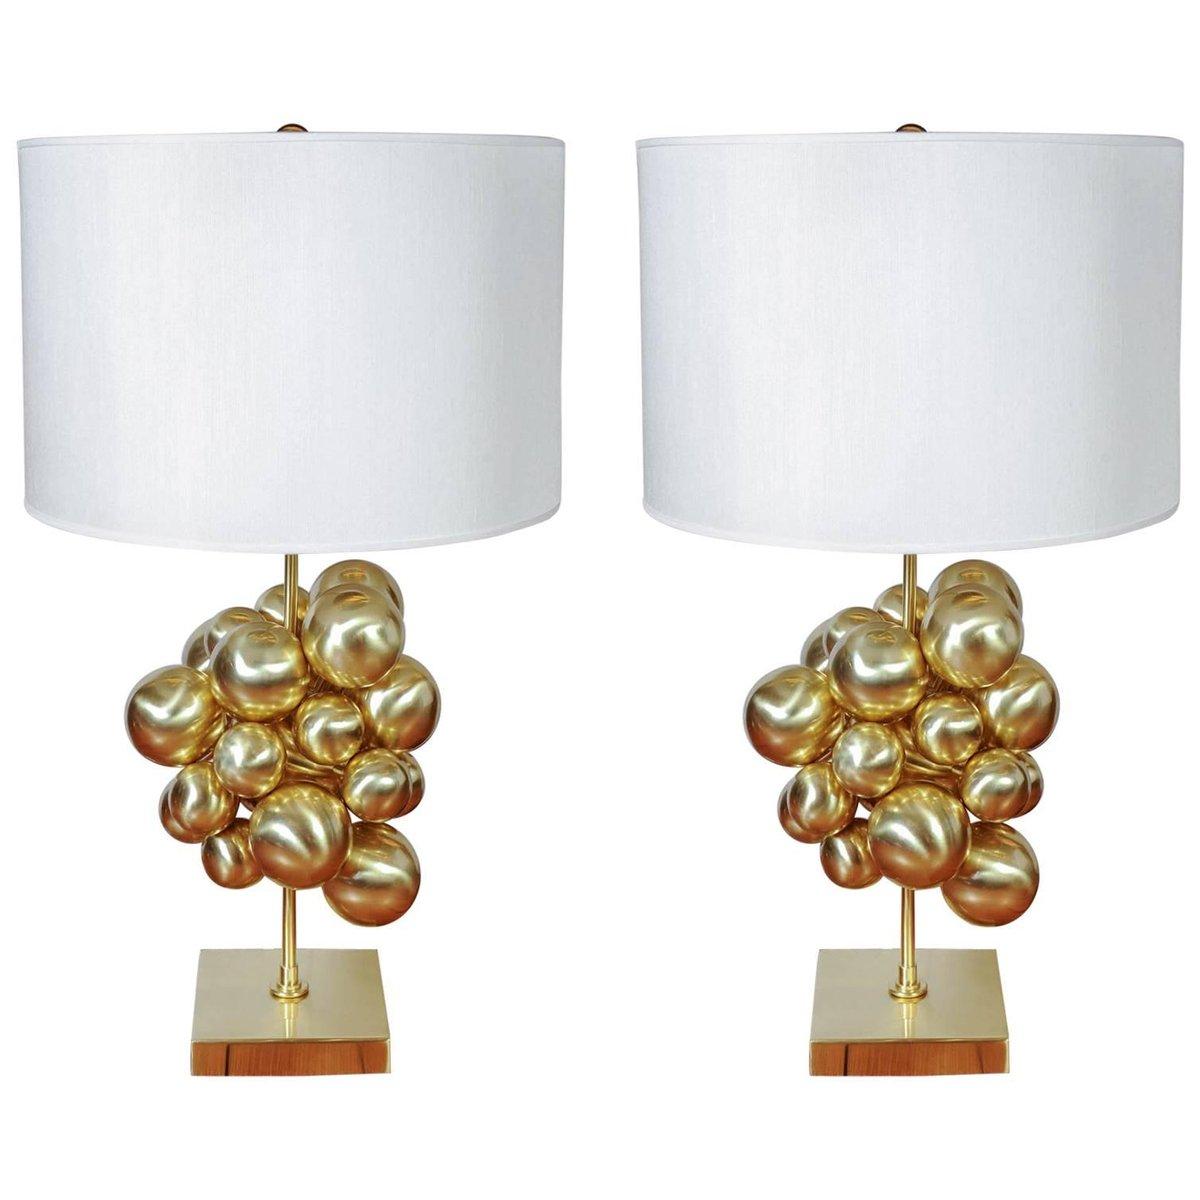 Tischlampen aus Messing mit vielen Schirmen von Glustin Luminaires, 20...